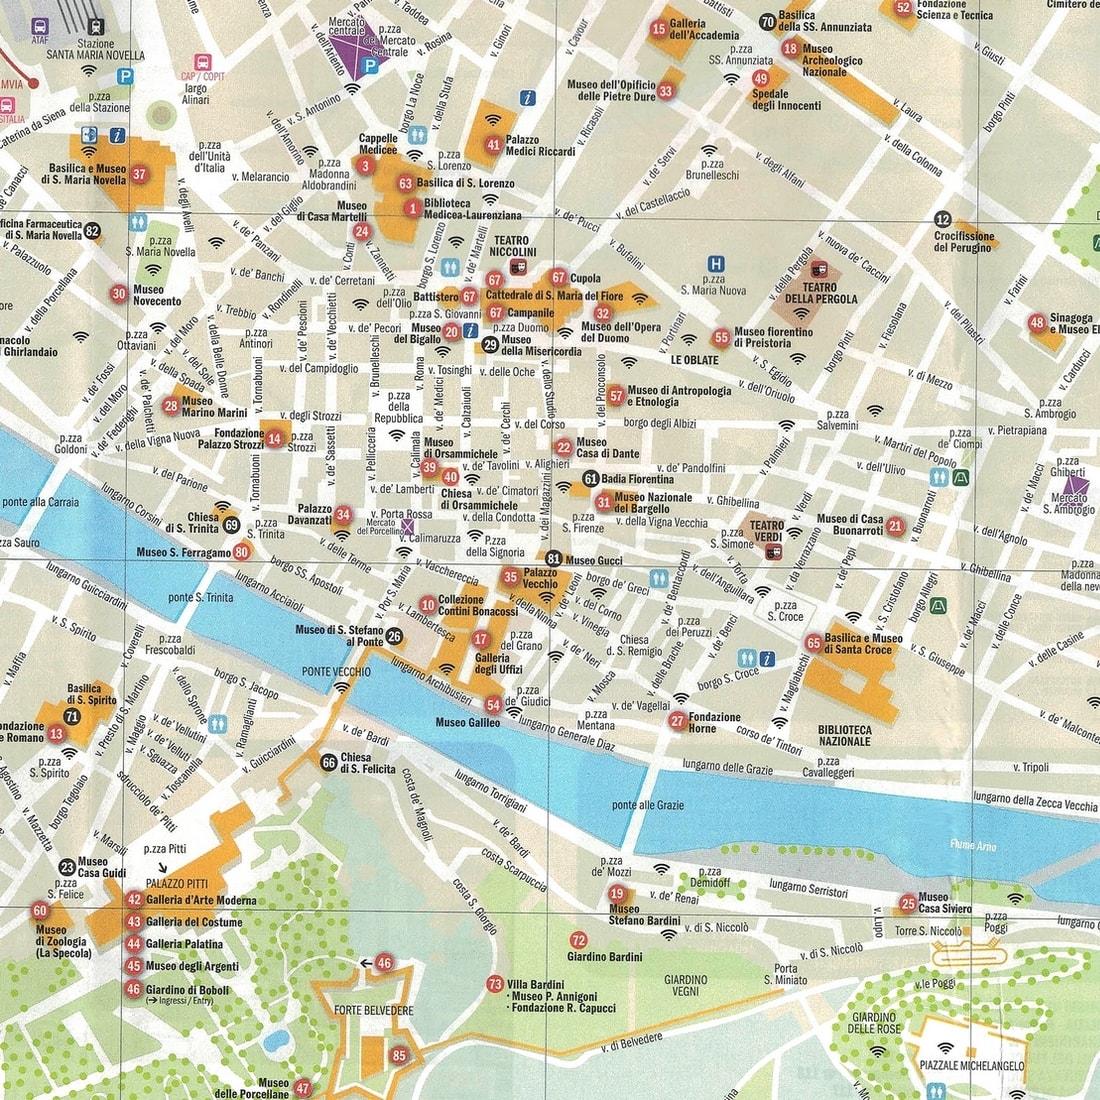 Cartina Citta Di Firenze.Mappa Turistica Di Firenze Cartina Geografica Centro Storico